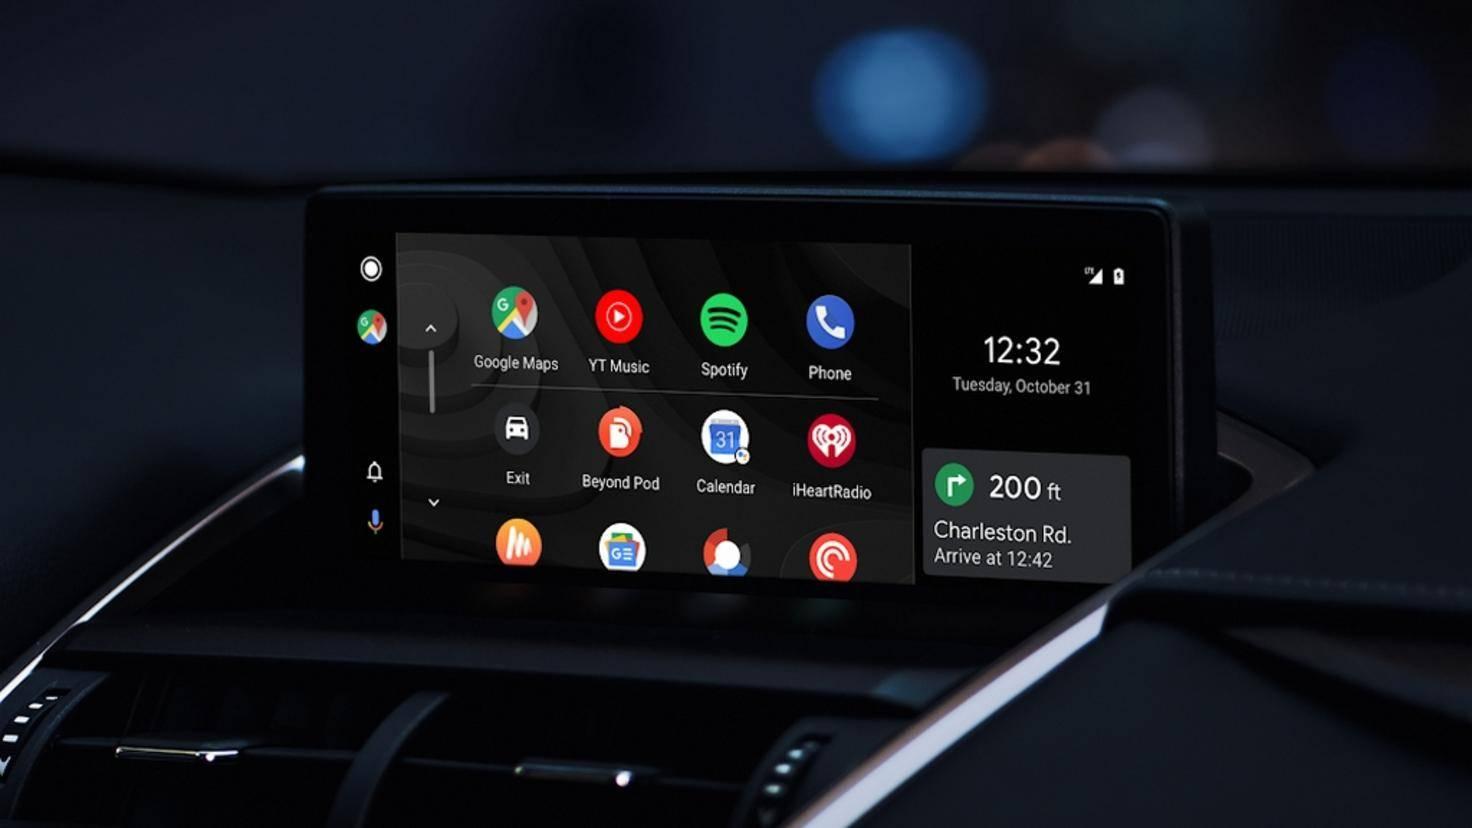 Um Android Auto zu nutzen, muss dein Auto mit dem System kompatibel sein.